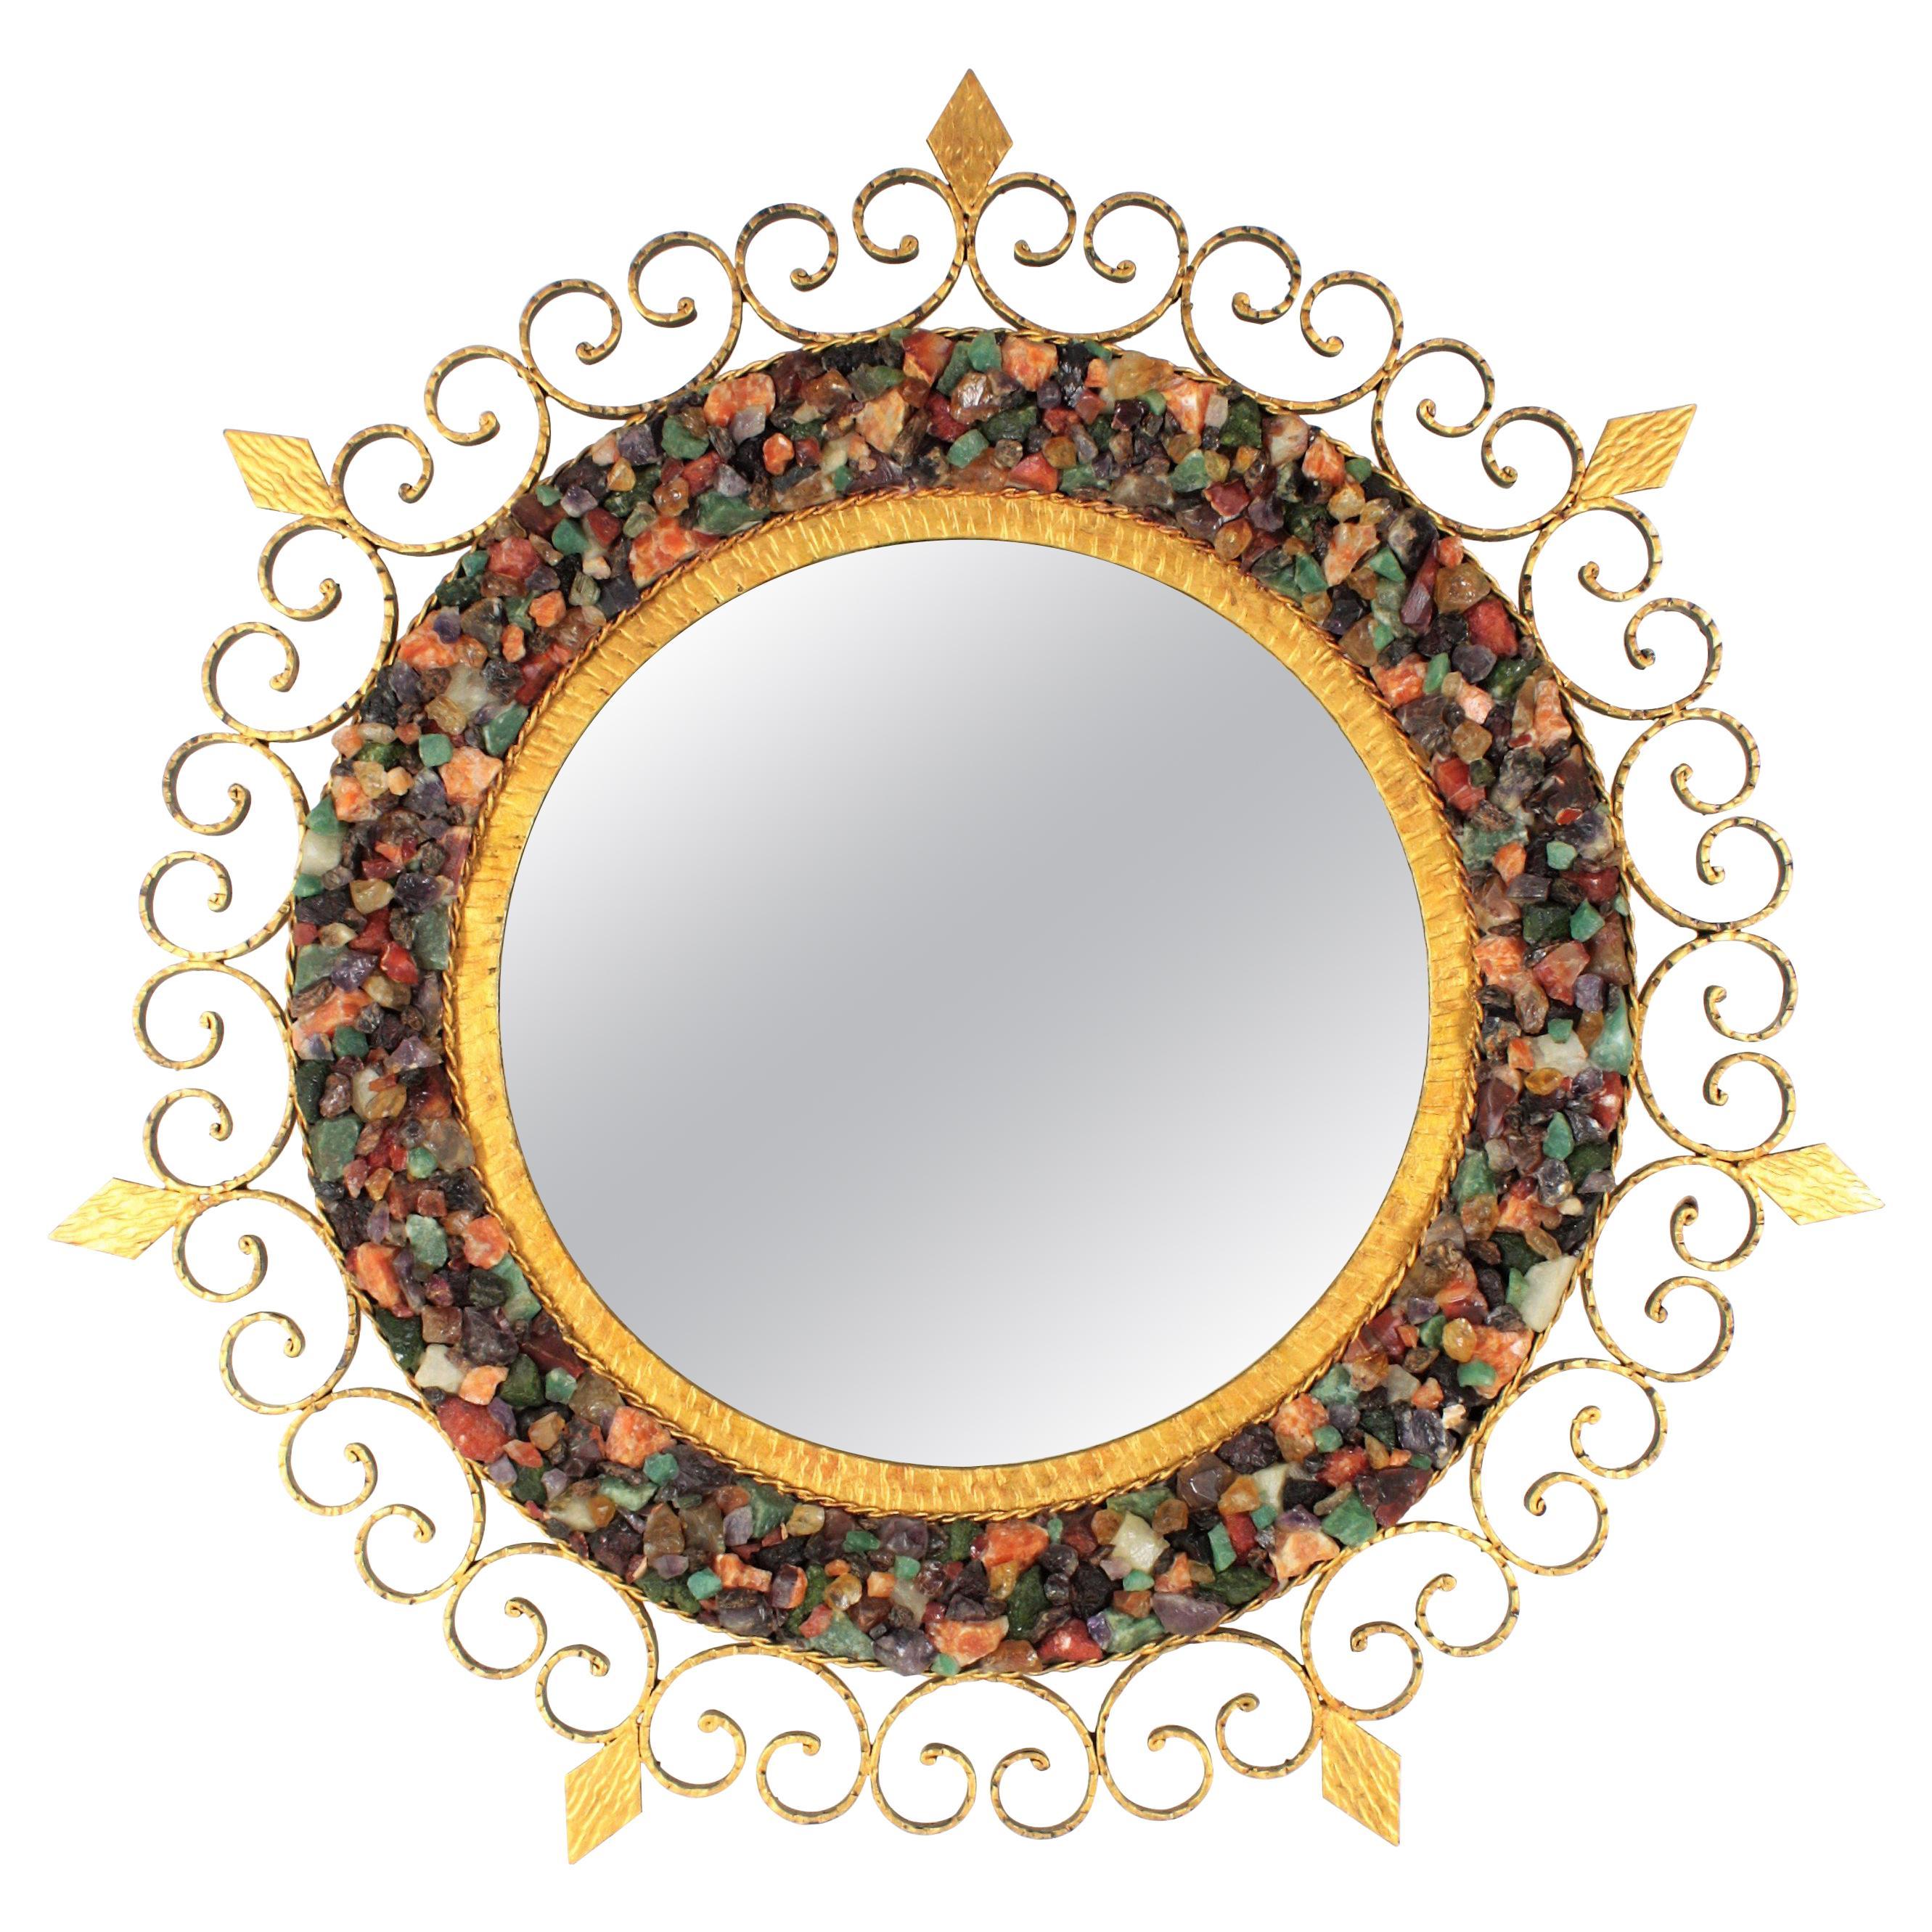 Gemstone Sunburst Mirror in Wrought Gilt Iron